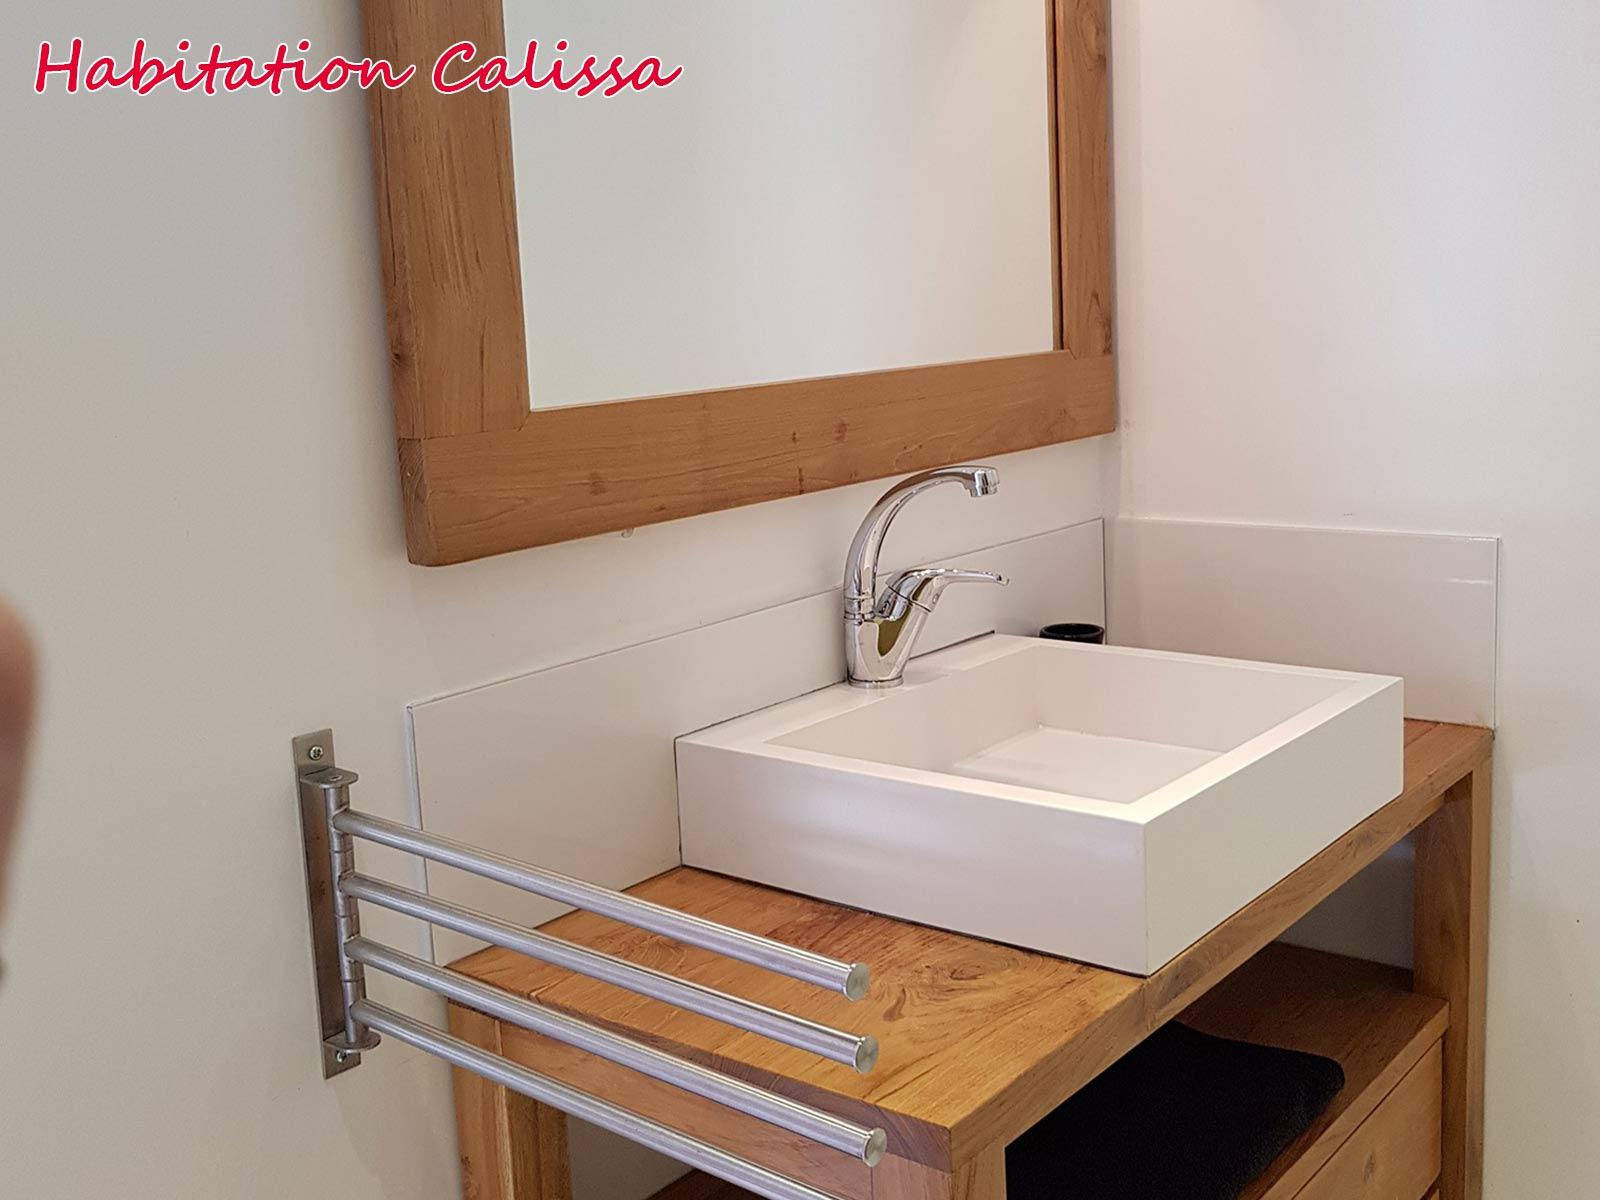 Habitation Calissa - Salle d'eau